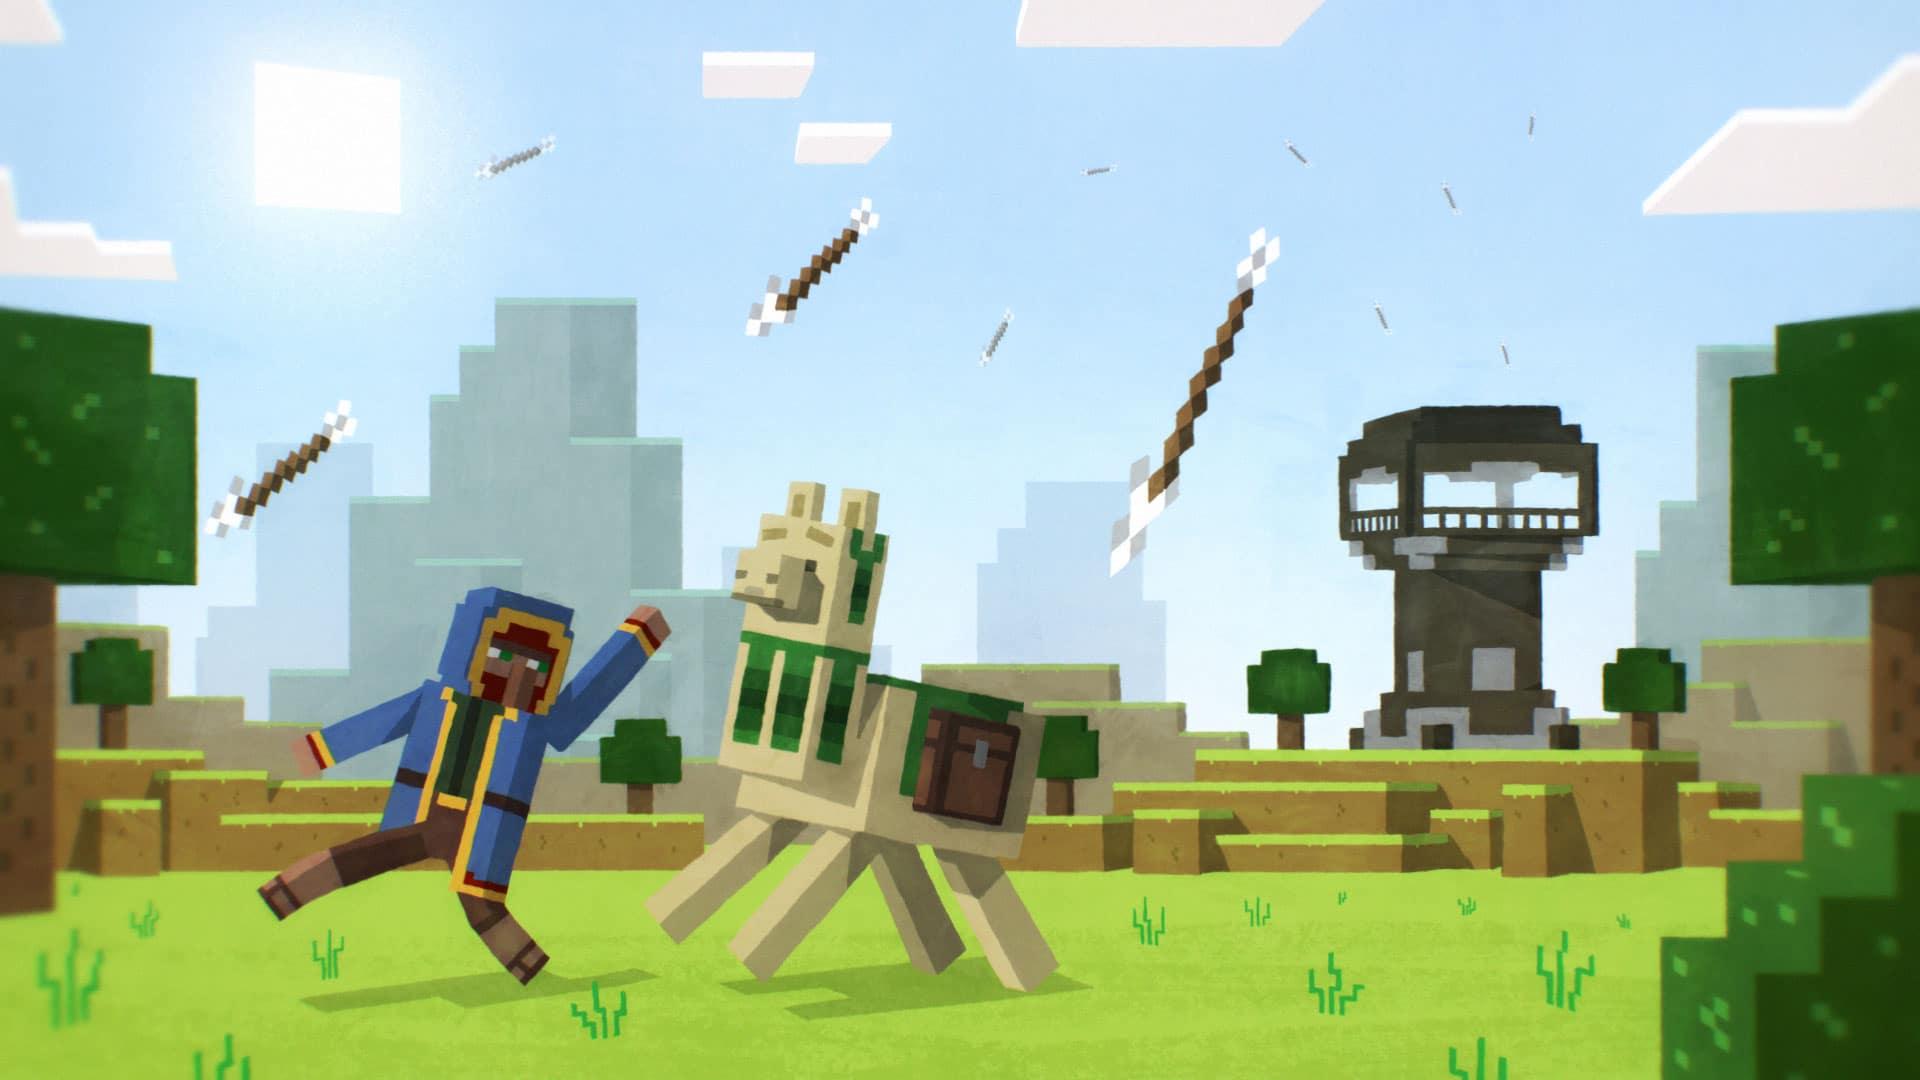 Skiss från Minecraft produktion